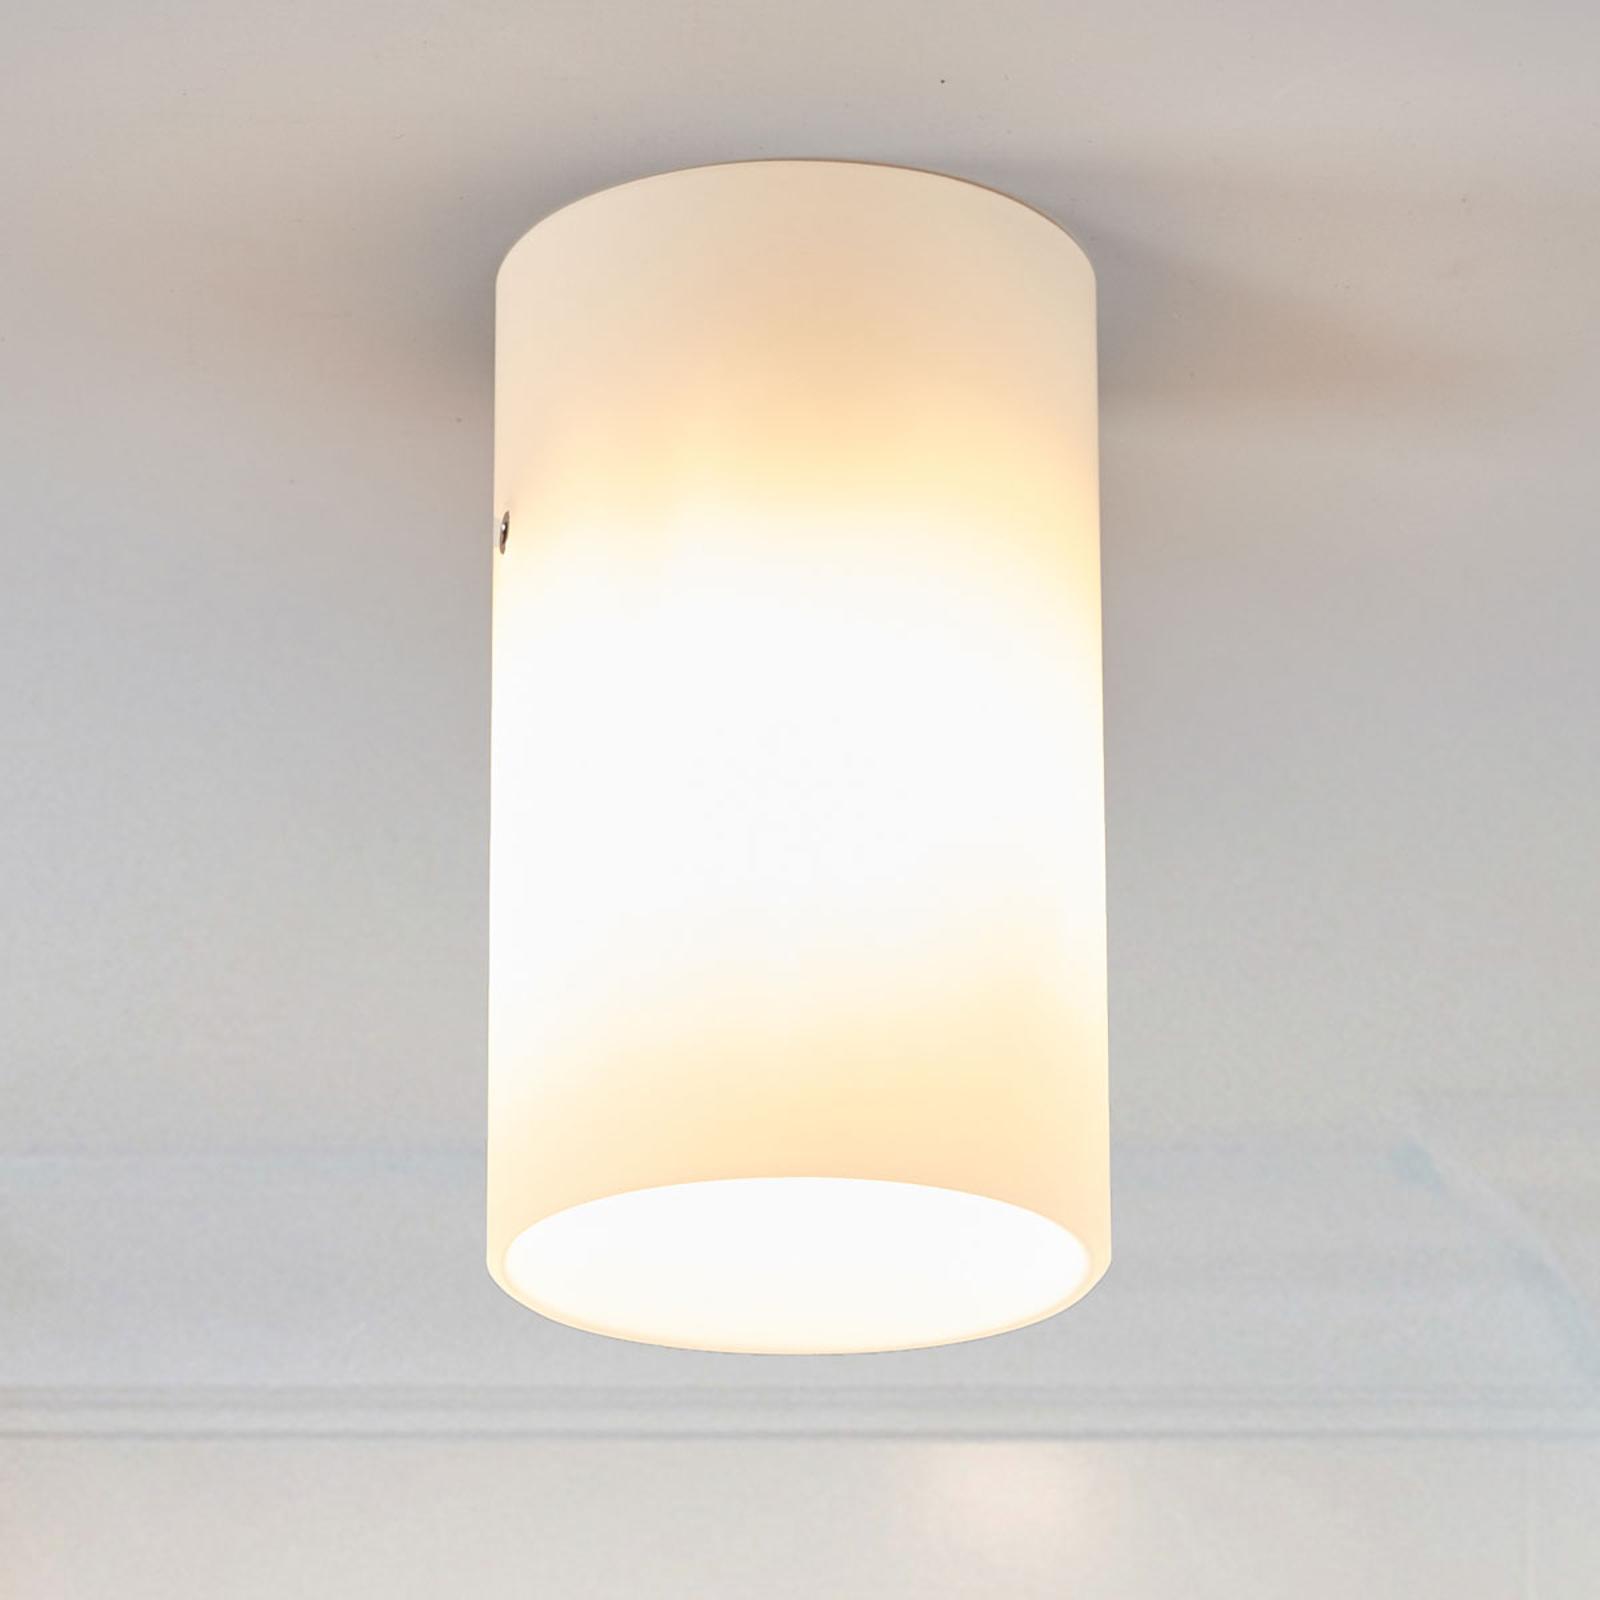 Casablanca Tube taklampe, Ø 6 cm, G9-fatning